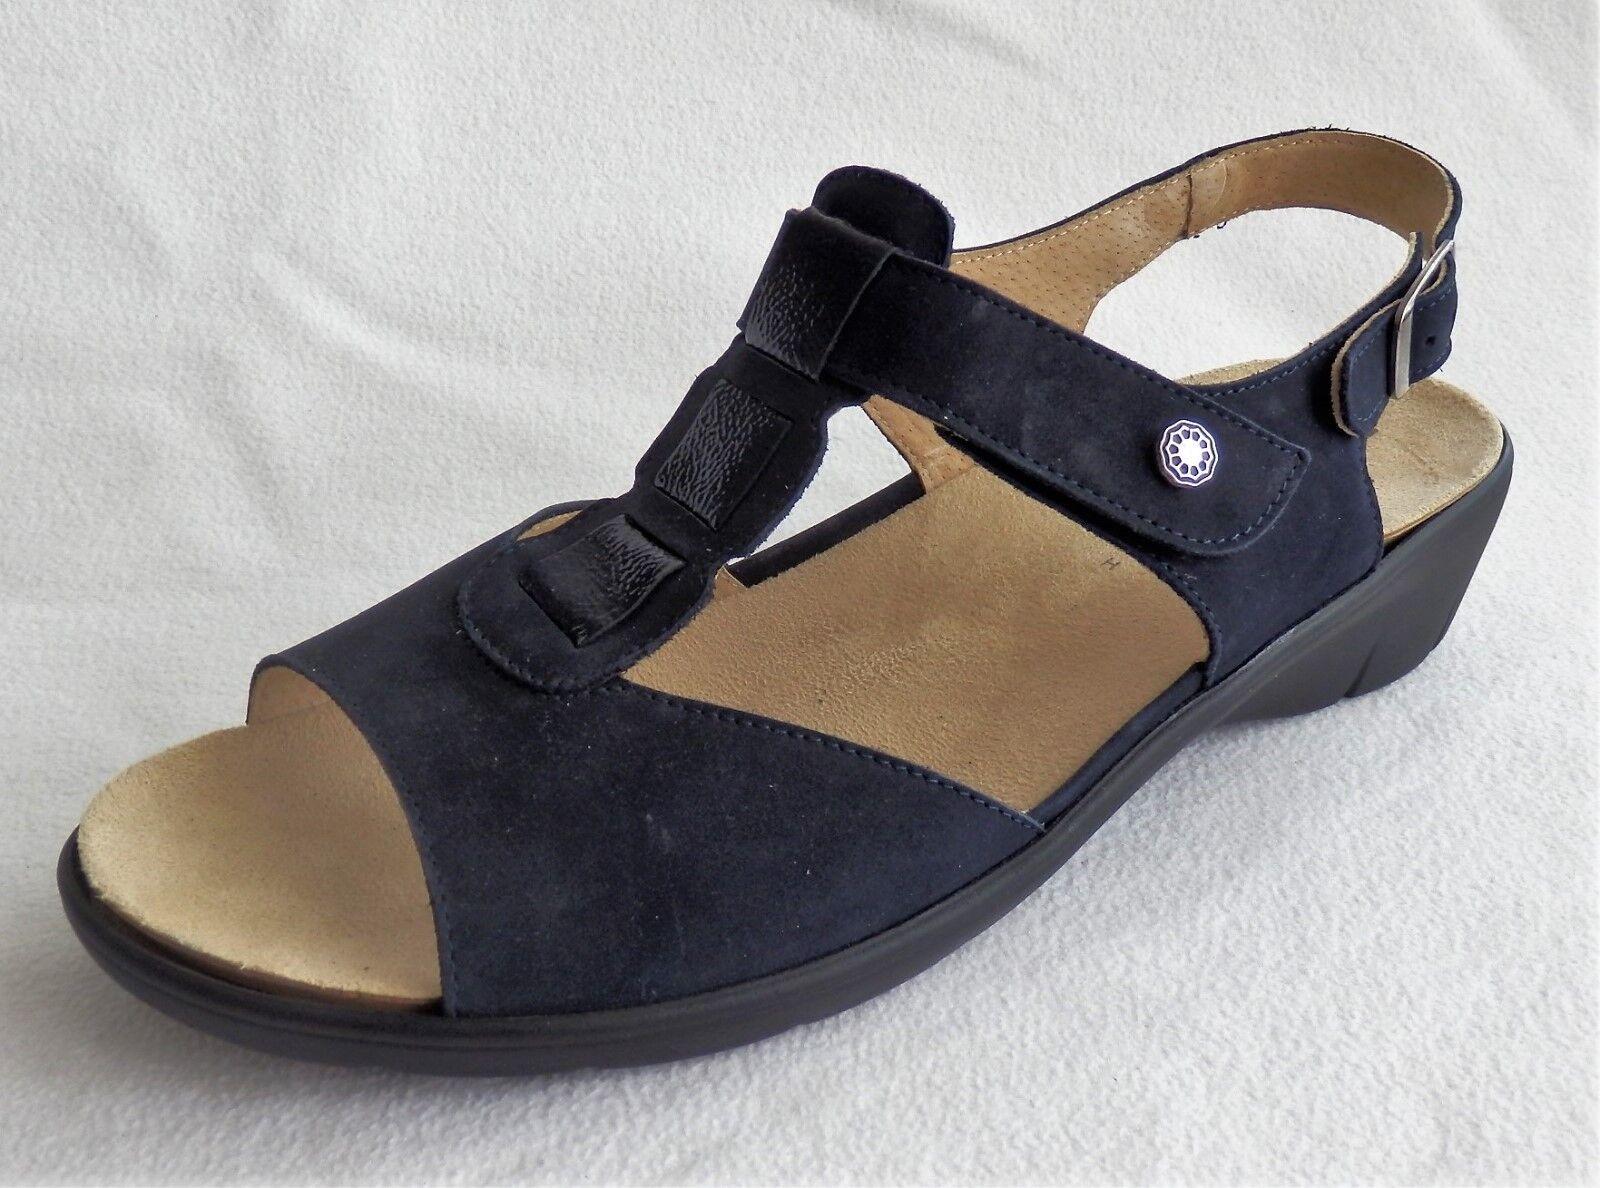 Softline Sandale dunkelblau Gr. 41 neu